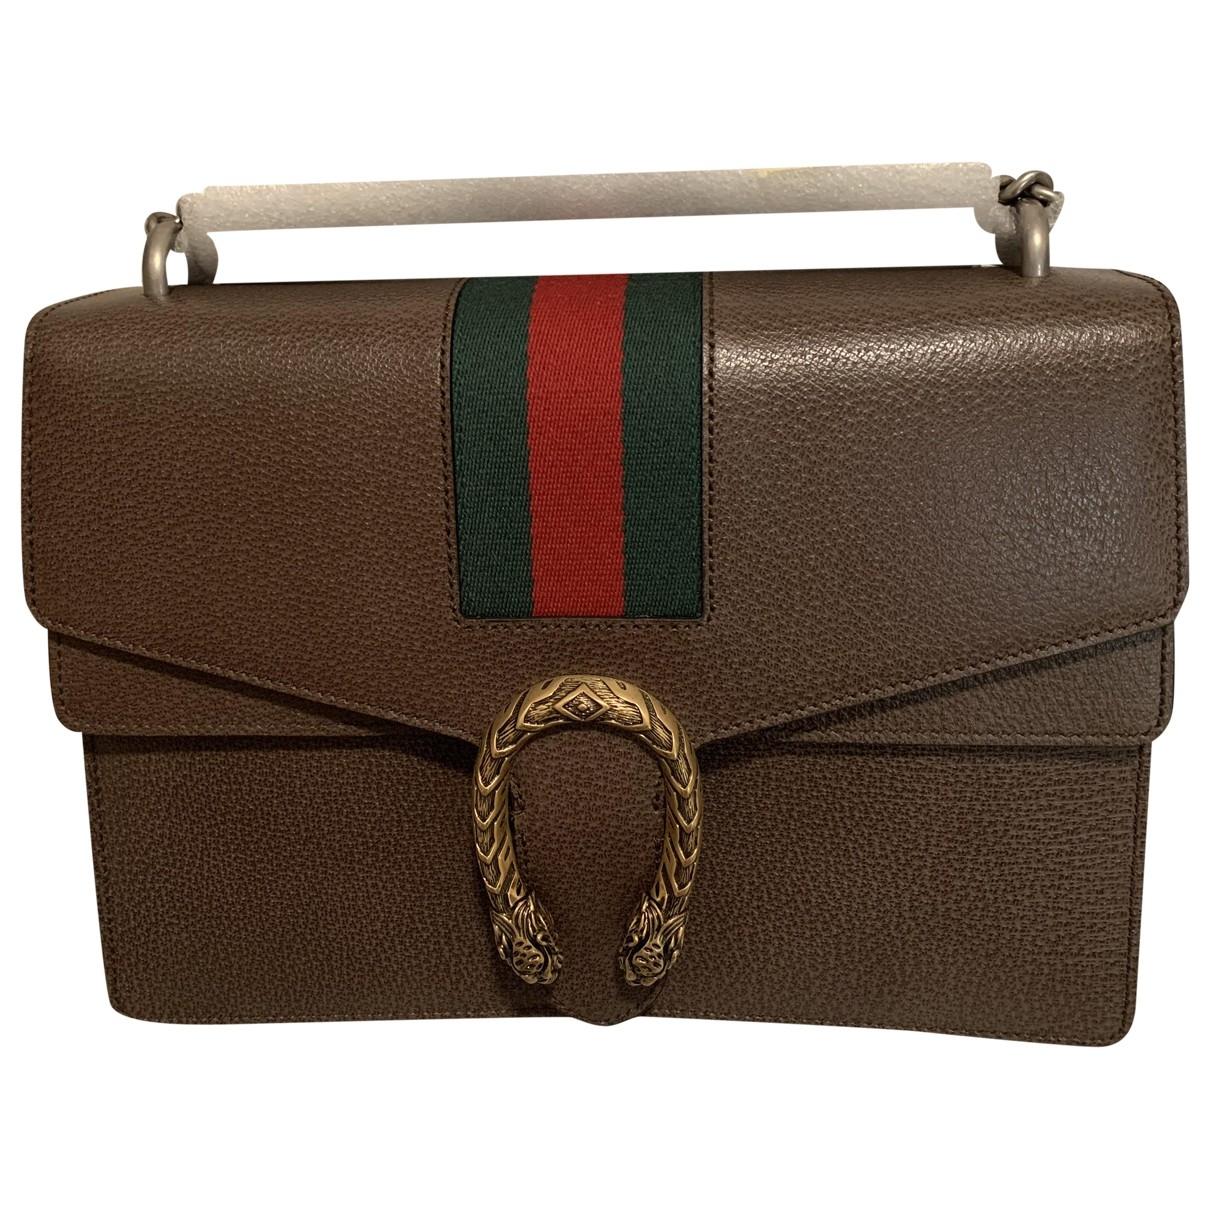 Gucci Dionysus Handtasche in  Braun Leder